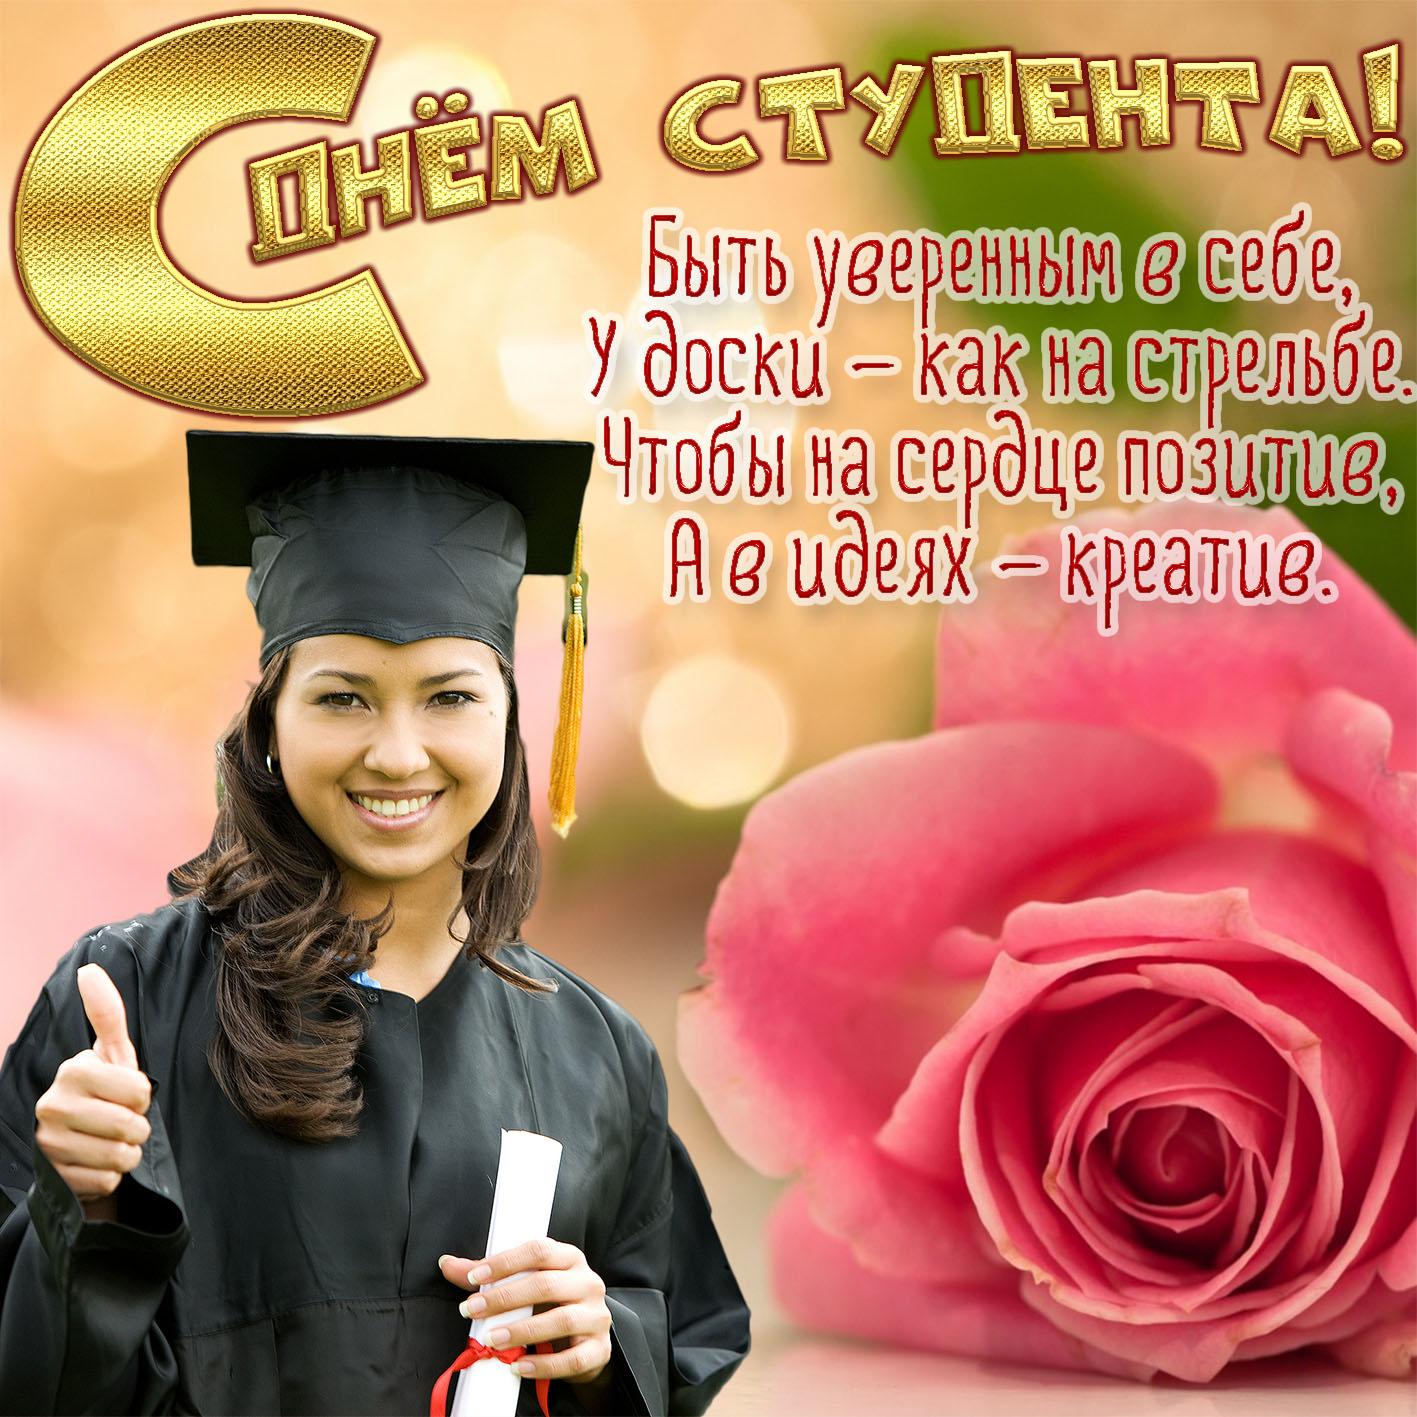 Открытка - красивая роза и пожелание на День студента